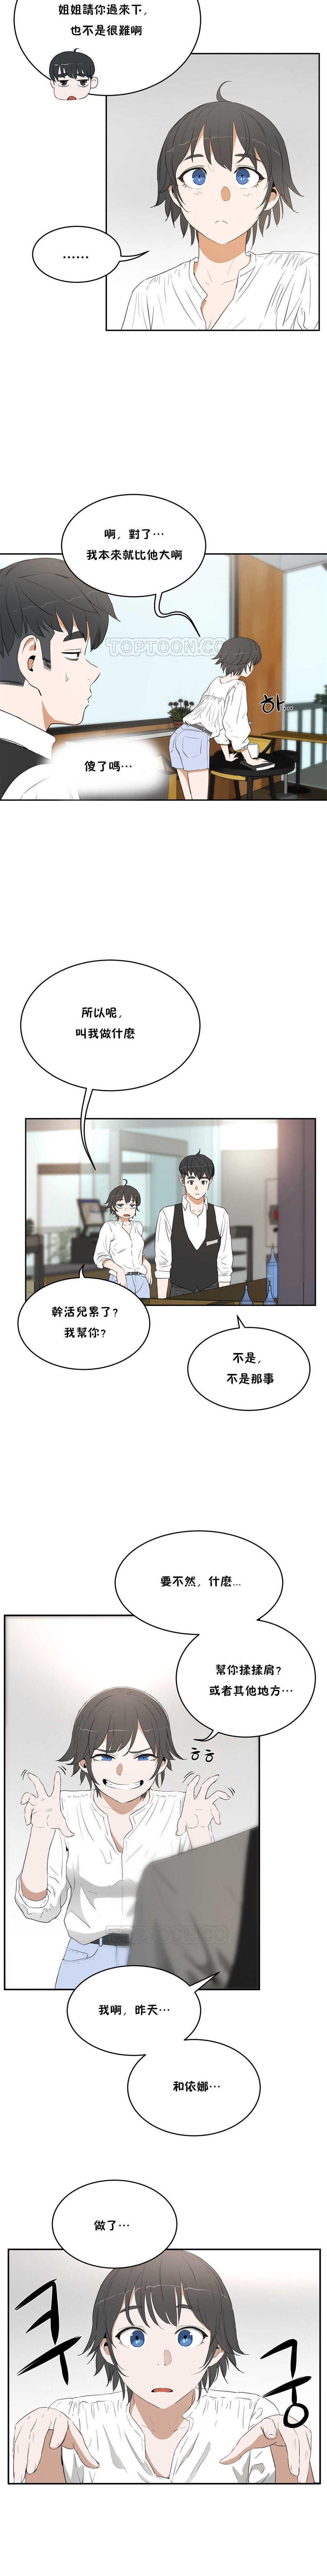 性教育 1-48.5 中文翻译(完結) 55